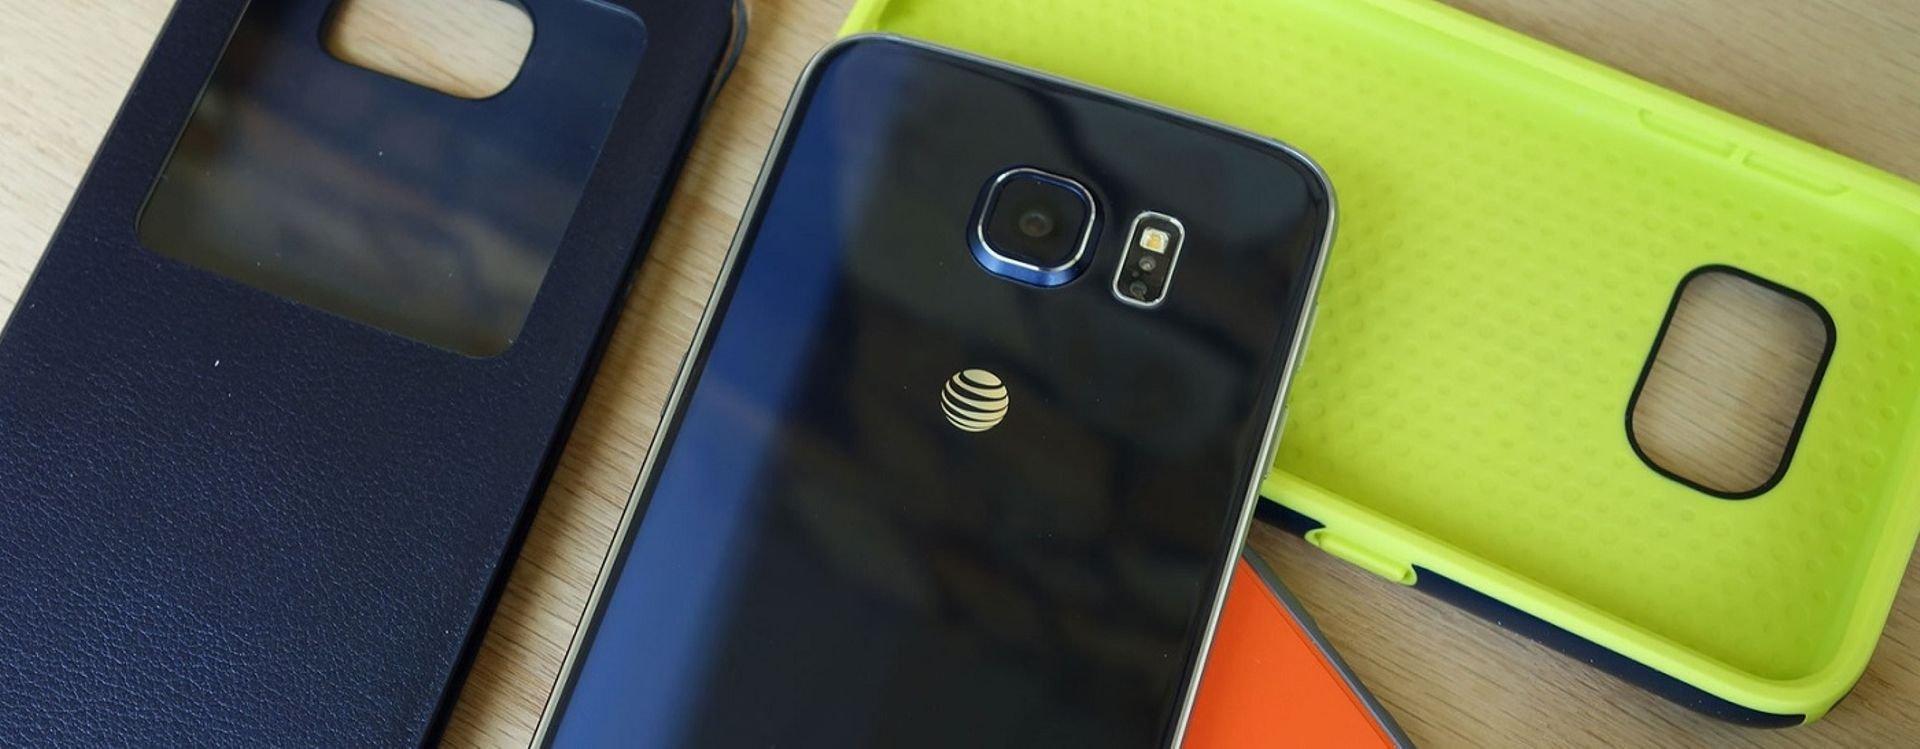 تعد أغطية الحماية من أهم إكسسوارات الهواتف الذكية.